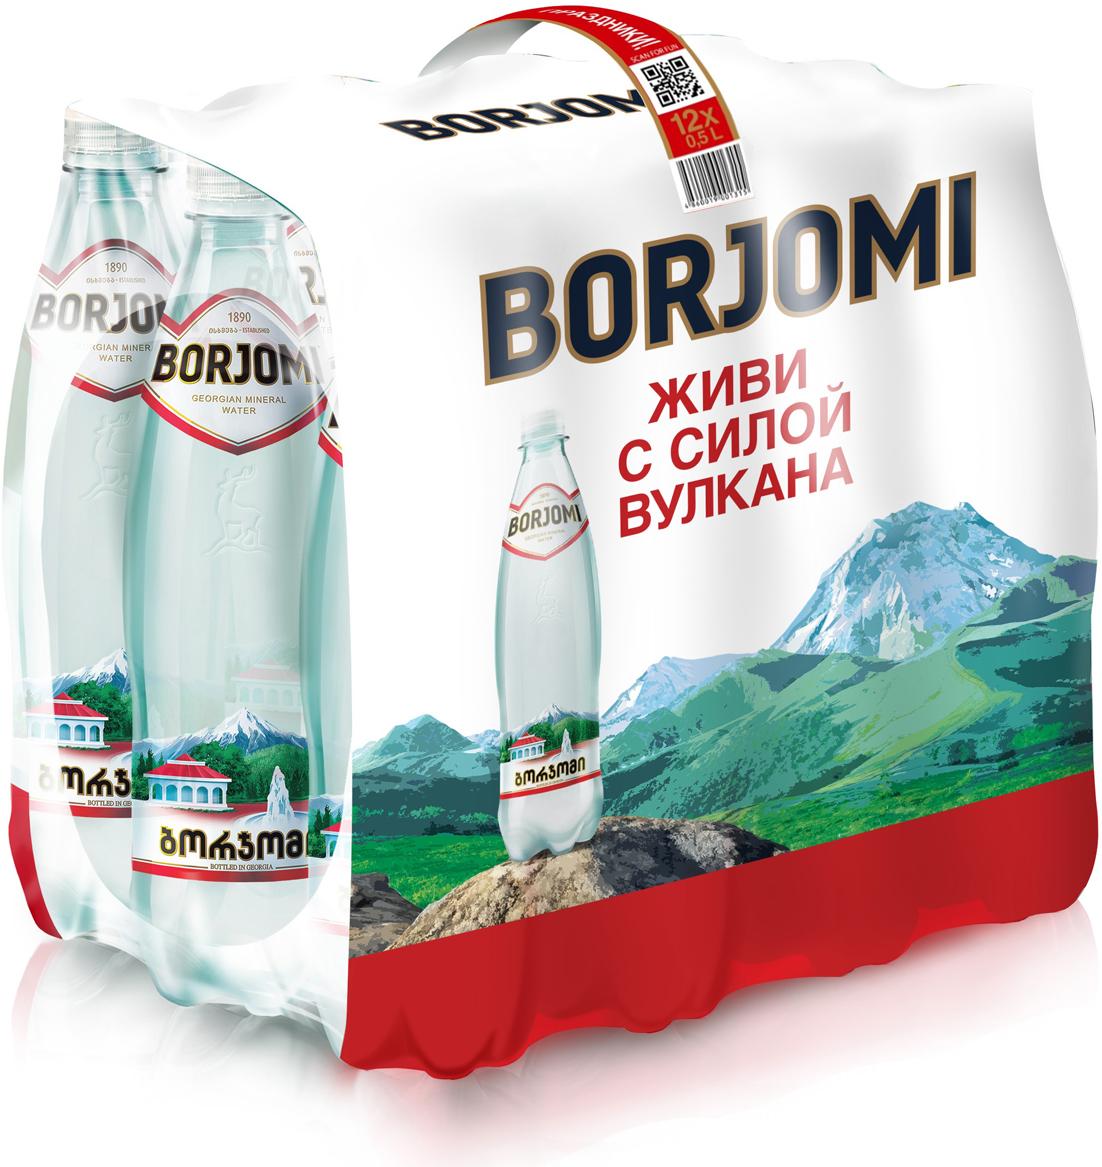 Вода Borjomi природная гидрокарбонатно-натриевая минеральная, 12 шт по 0,5 л вода borjomi без газа 0 5 л